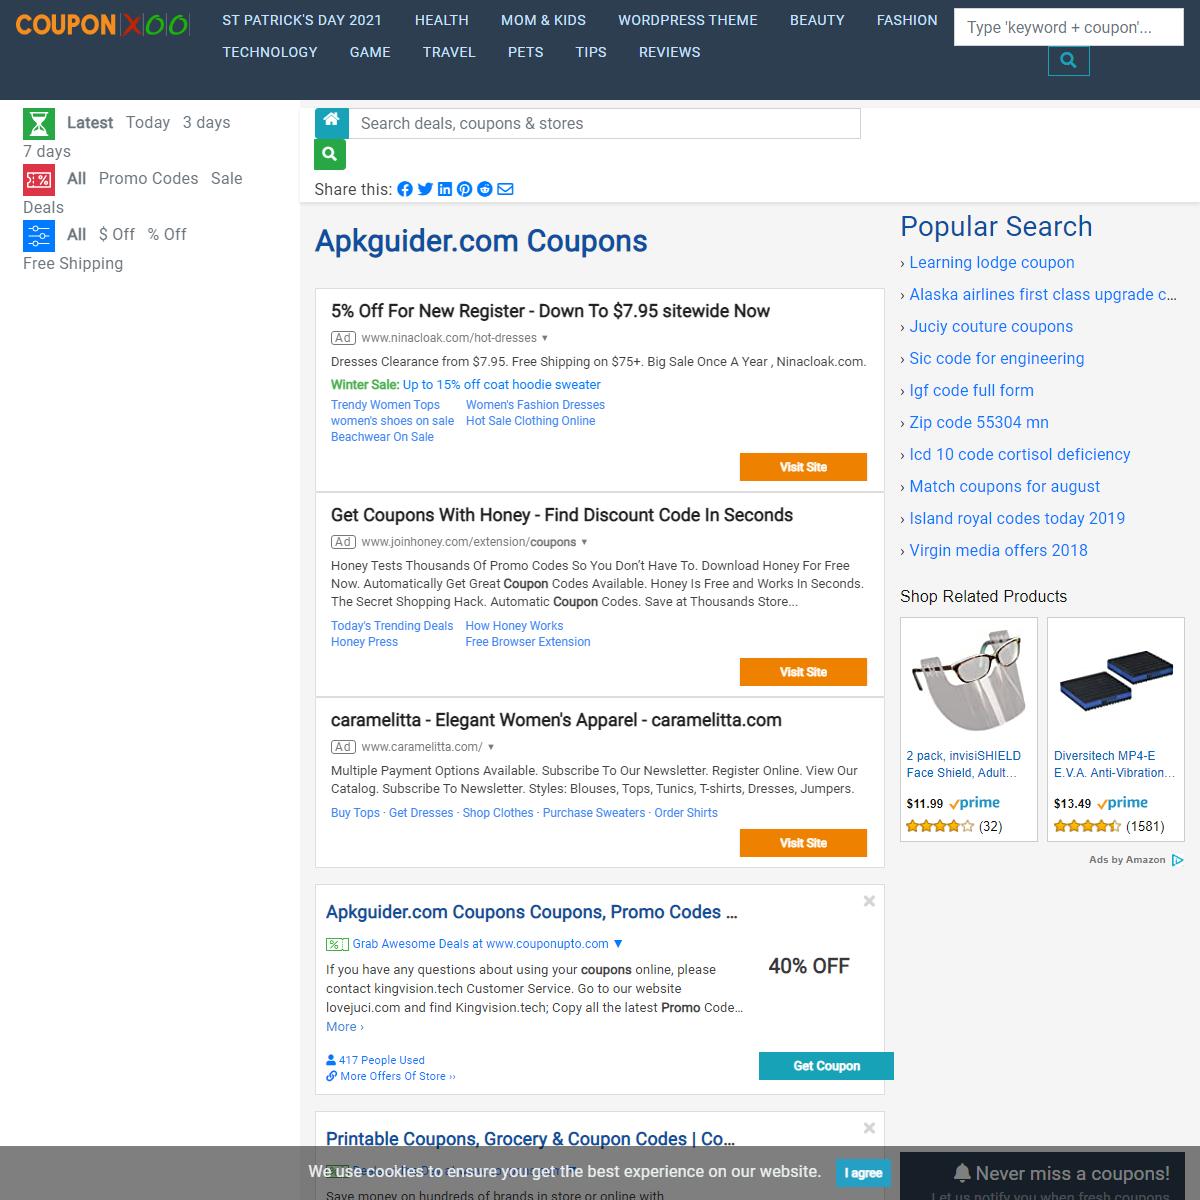 Apkguider.com Coupons - 03-2021